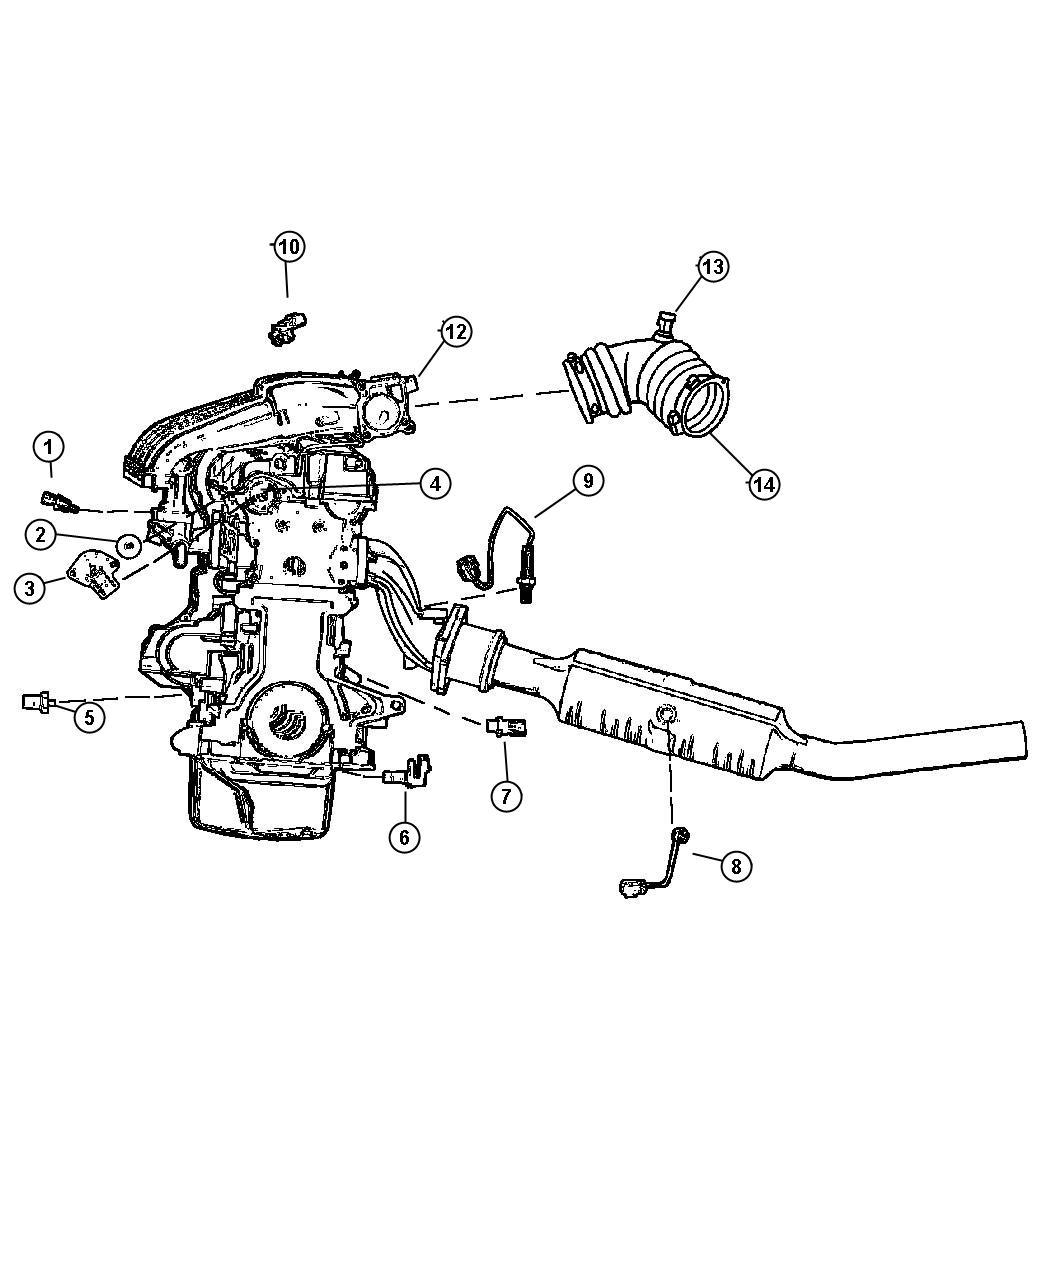 Chrysler Pt Cruiser Sensors Engine